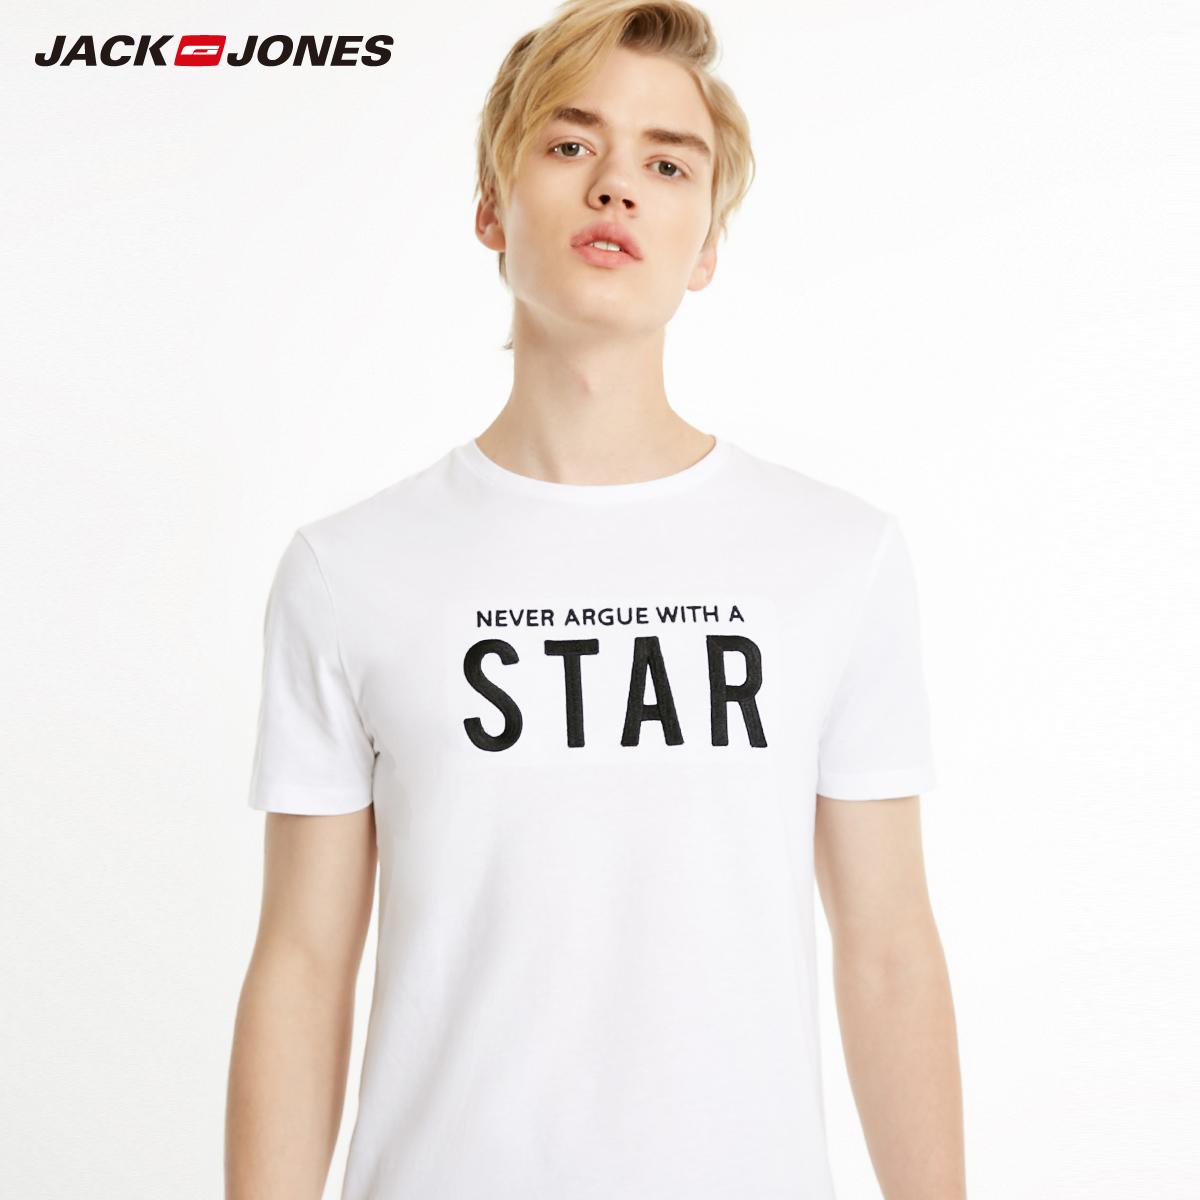 JackJones Jack Jones ra mắt mùa xuân thời trang nam kinh doanh thời trang thư tay áo thun ngắn tay - Áo phông dài